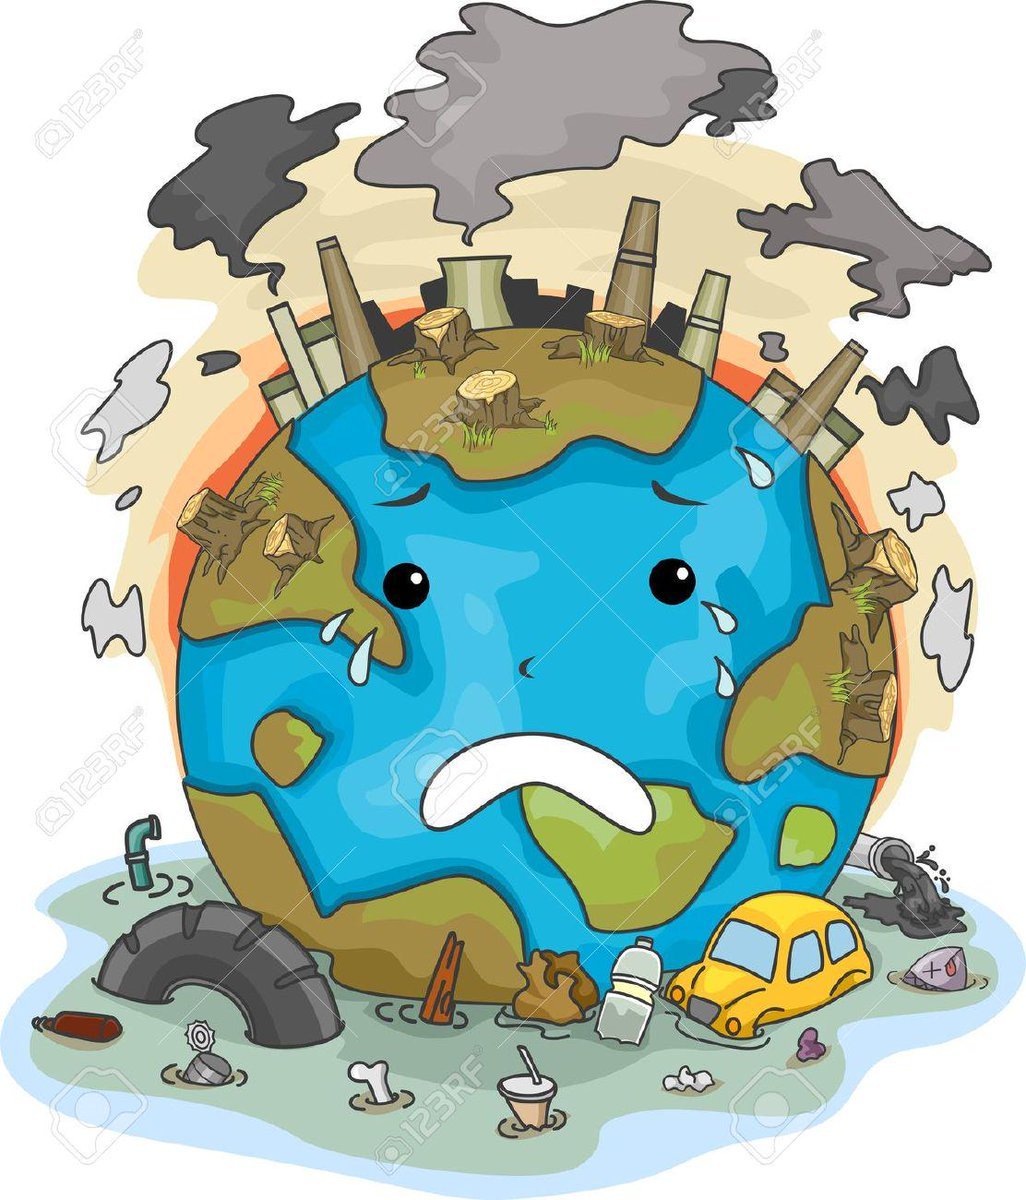 #QuieroUnMundoDonde la Contaminación Ambiental sea una cosa del pasado. http://t.co/AFAskrZQl2